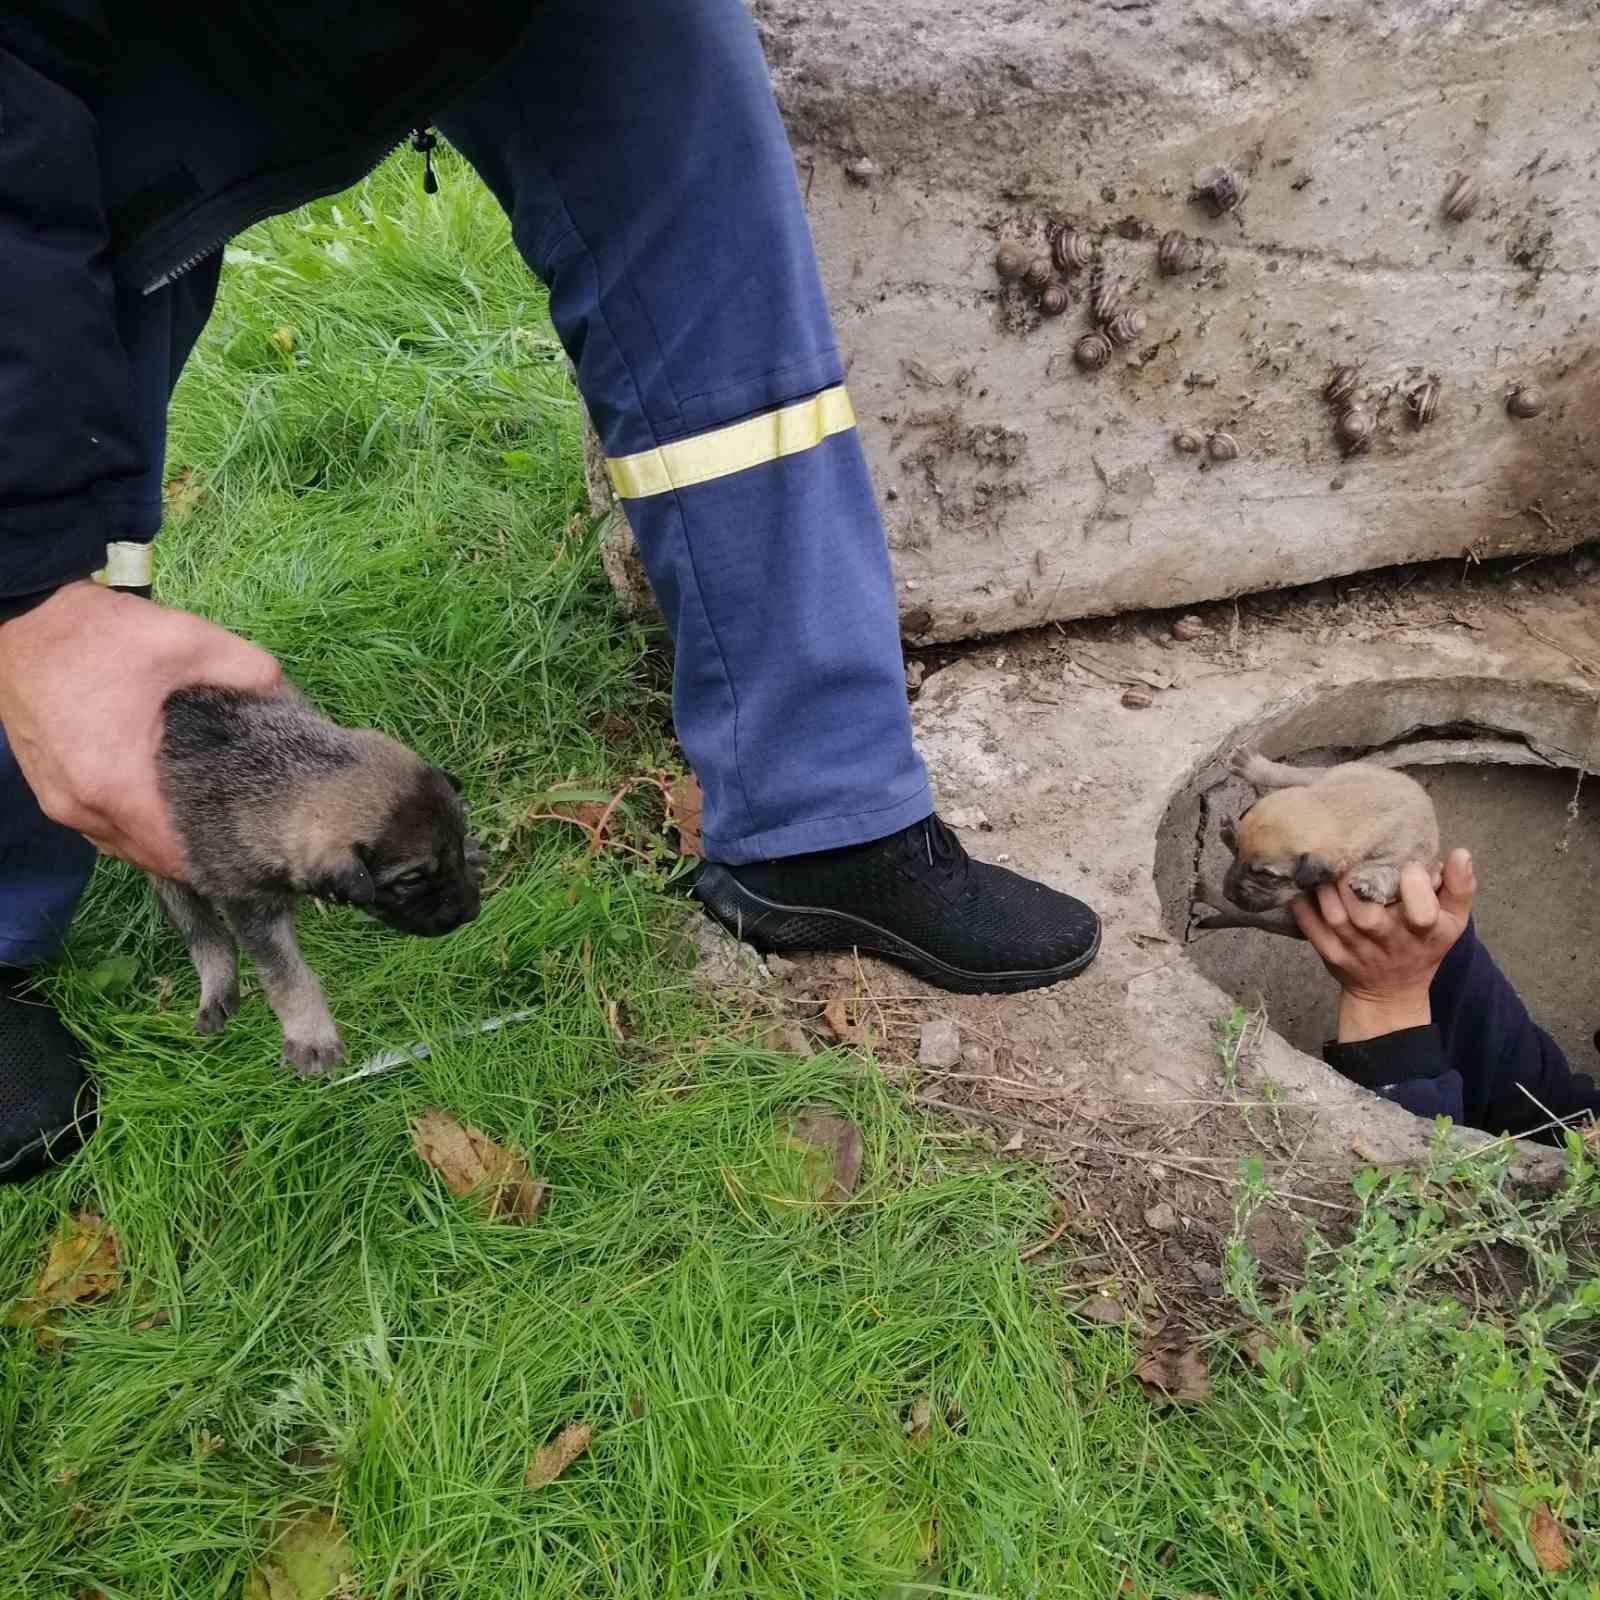 На Херсонщине сотрудники ГСЧС спасли 9 щенков, которые провалились в канализационный коллектор